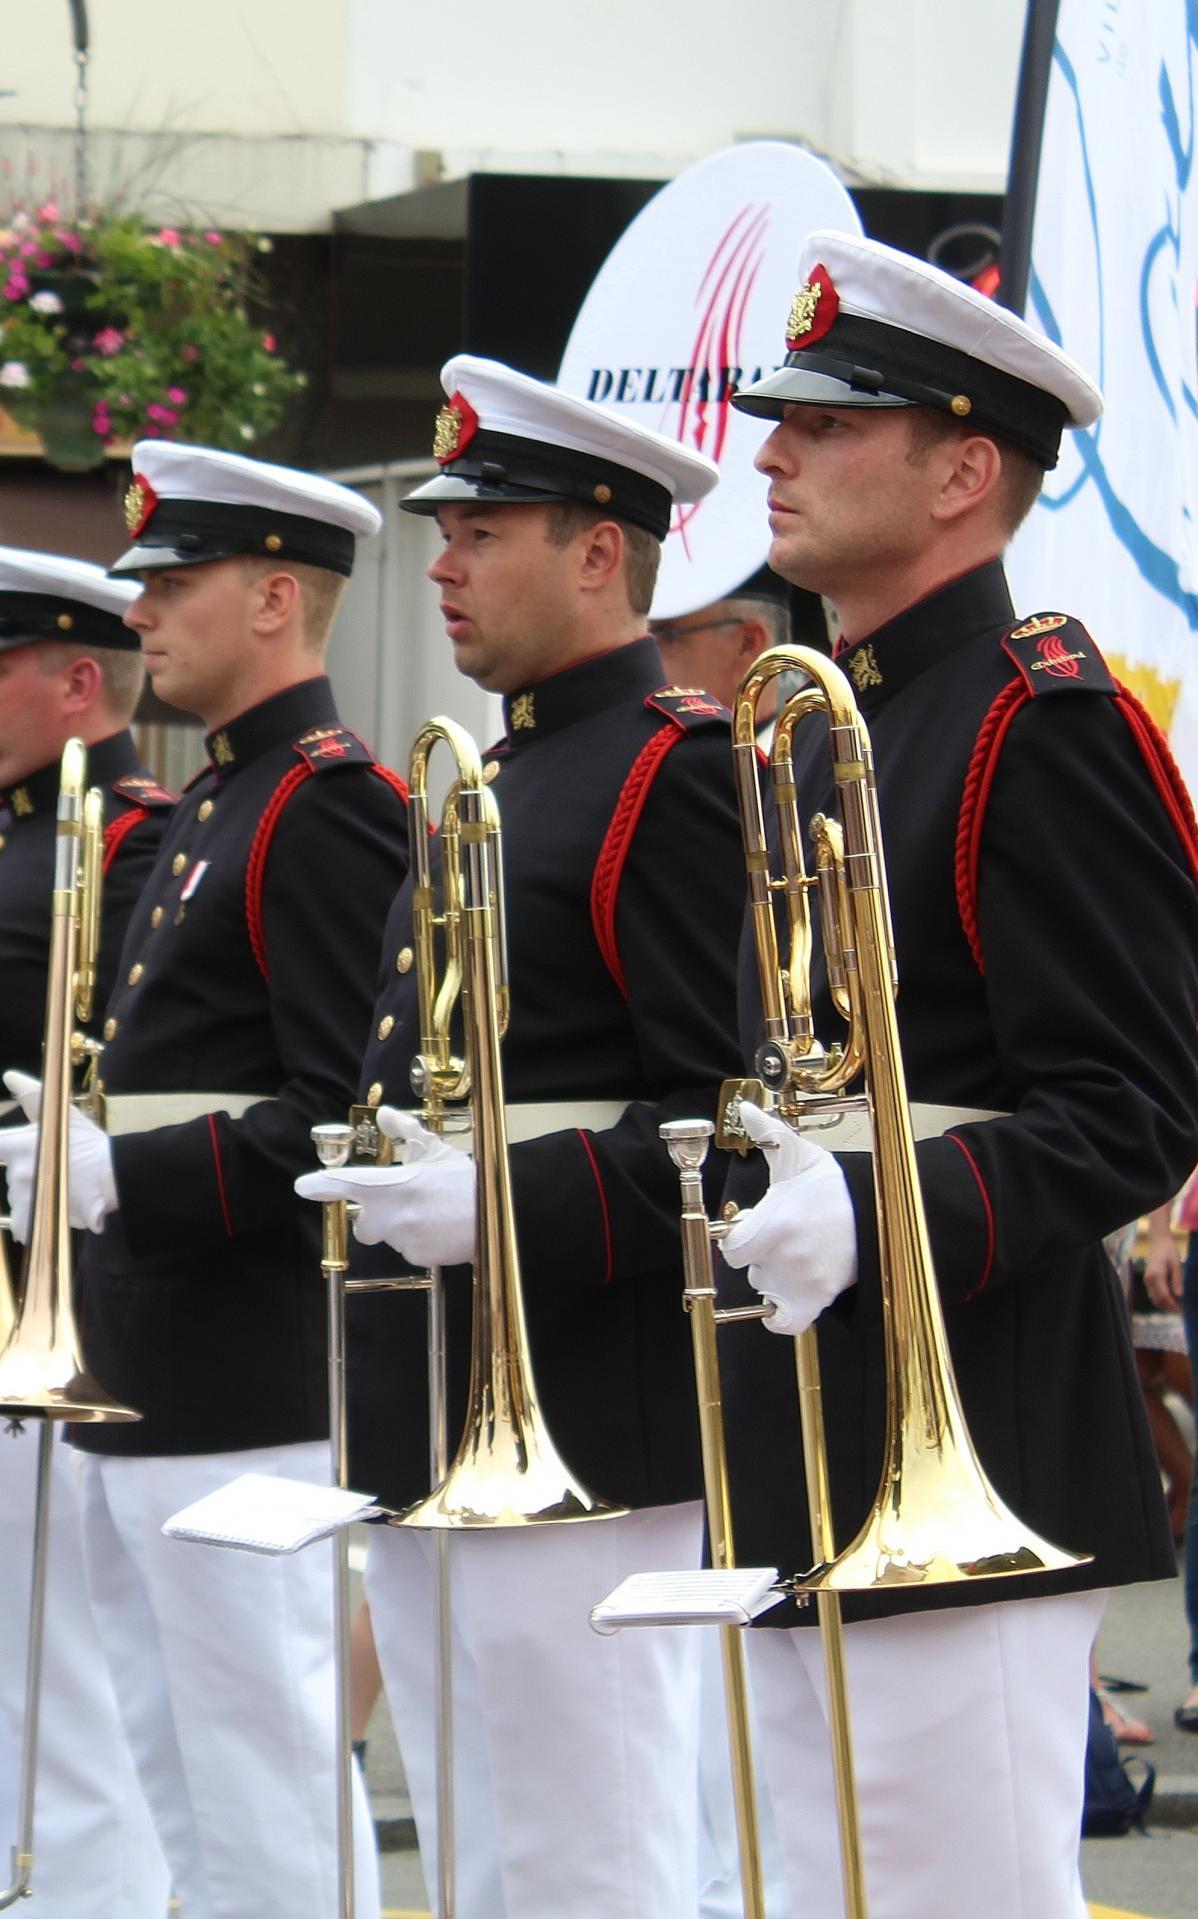 Grande parade musicale de calais anime l ete 14